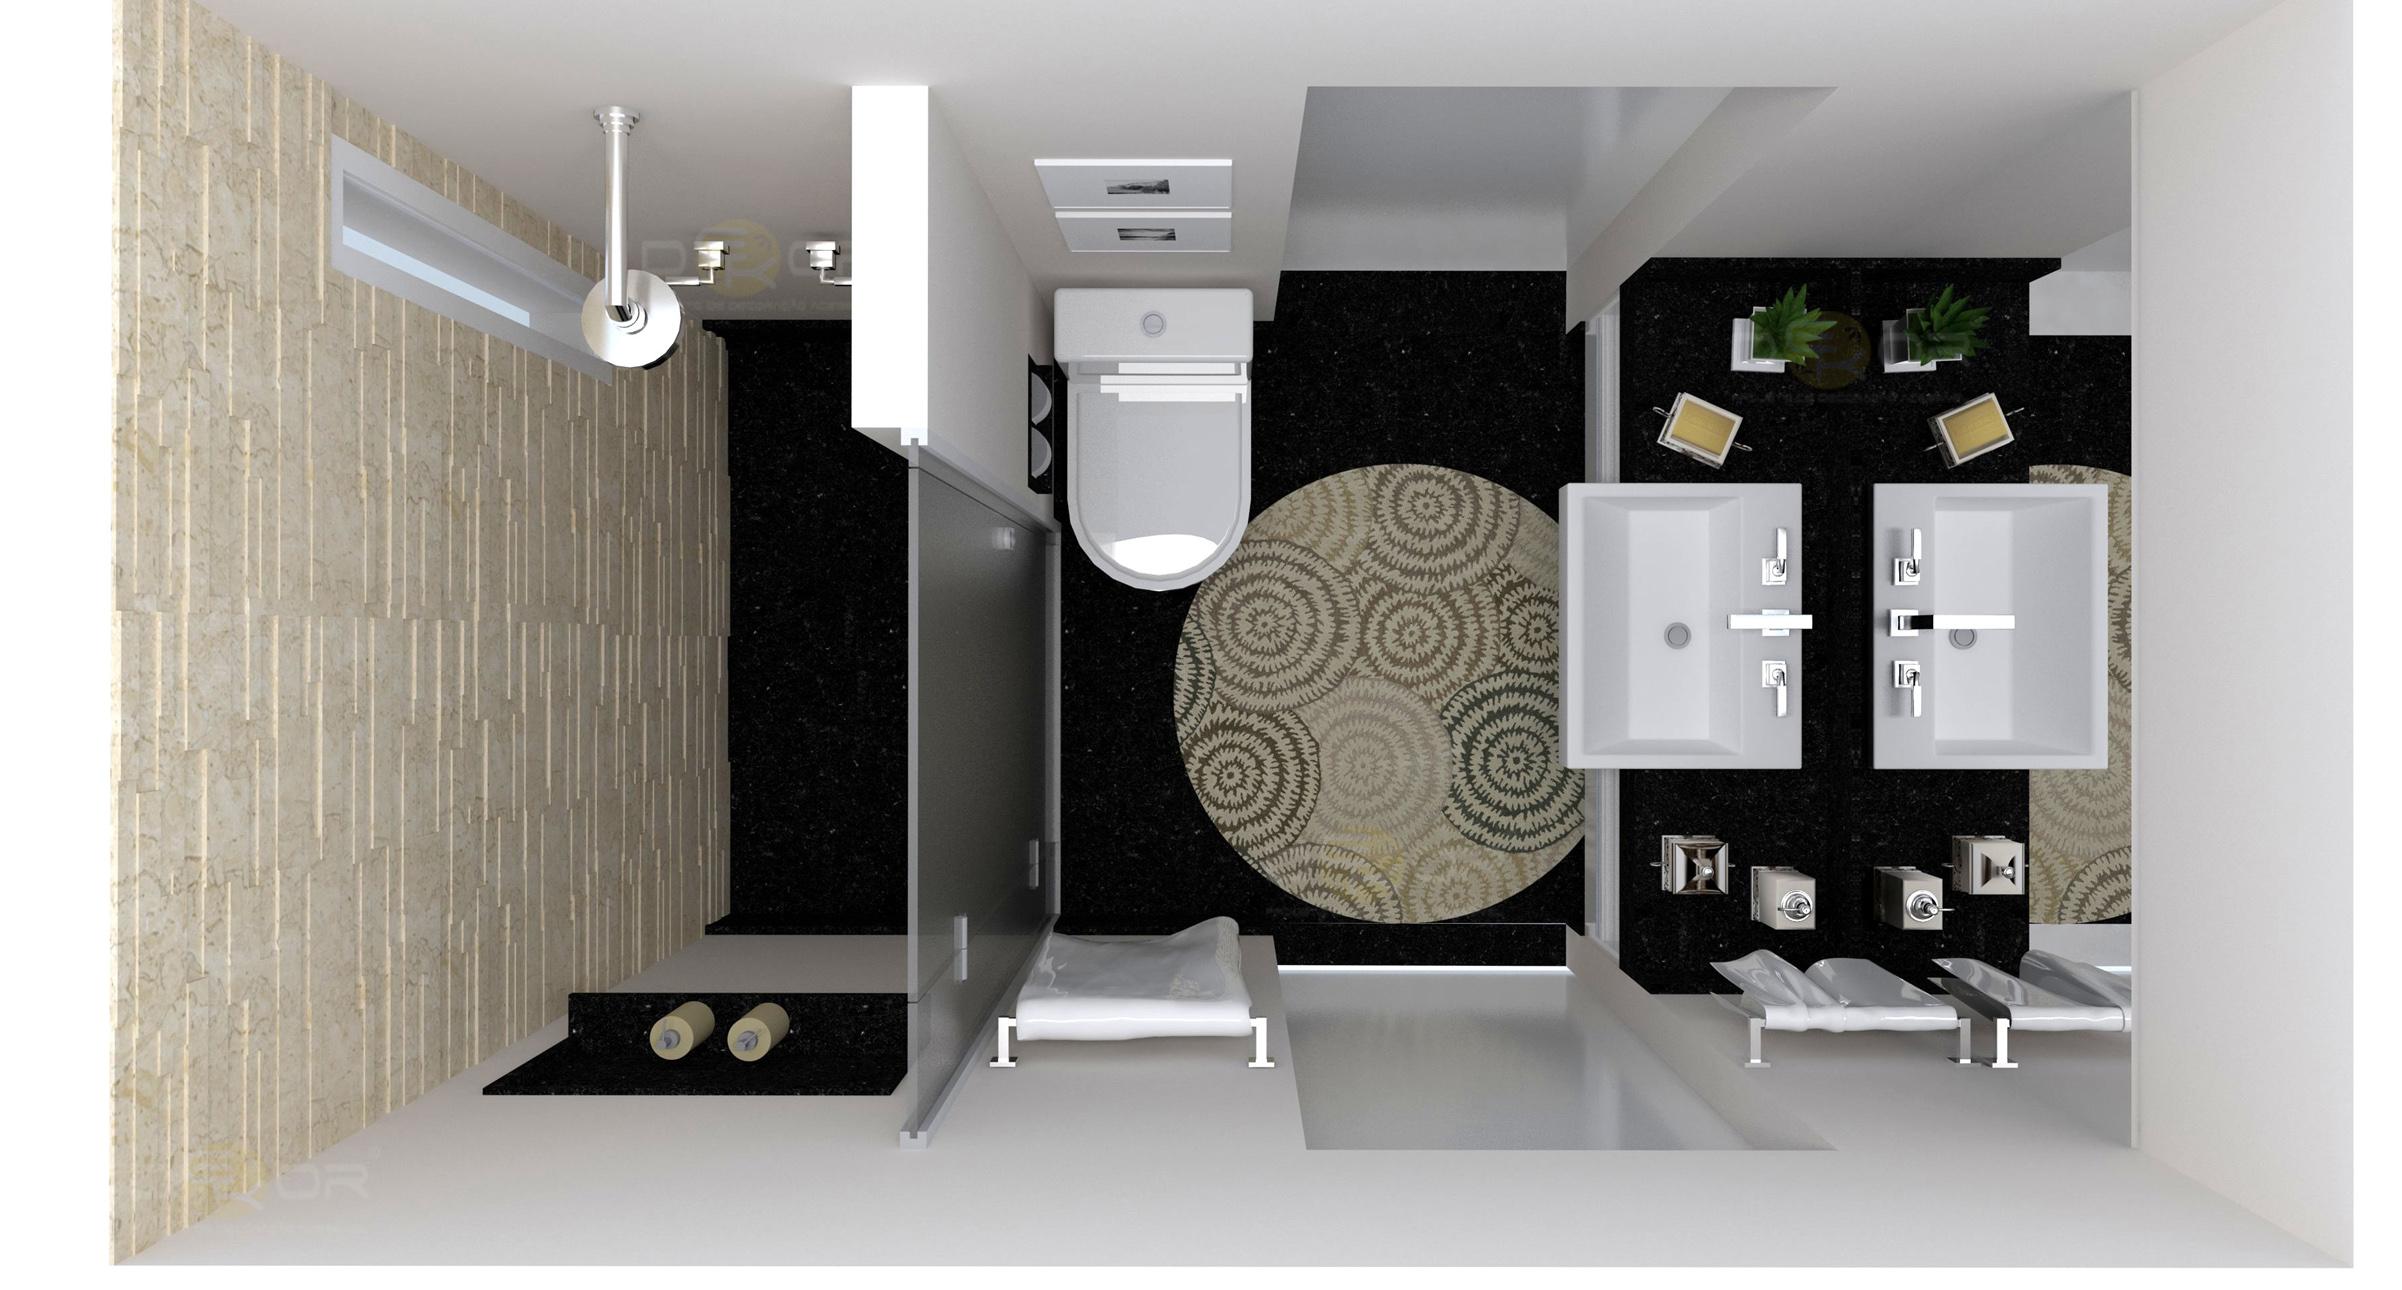 05/03/2014 2402 × 1290 Projeto de Banheiro – Decoração Online #5 #766C55 2402 1290